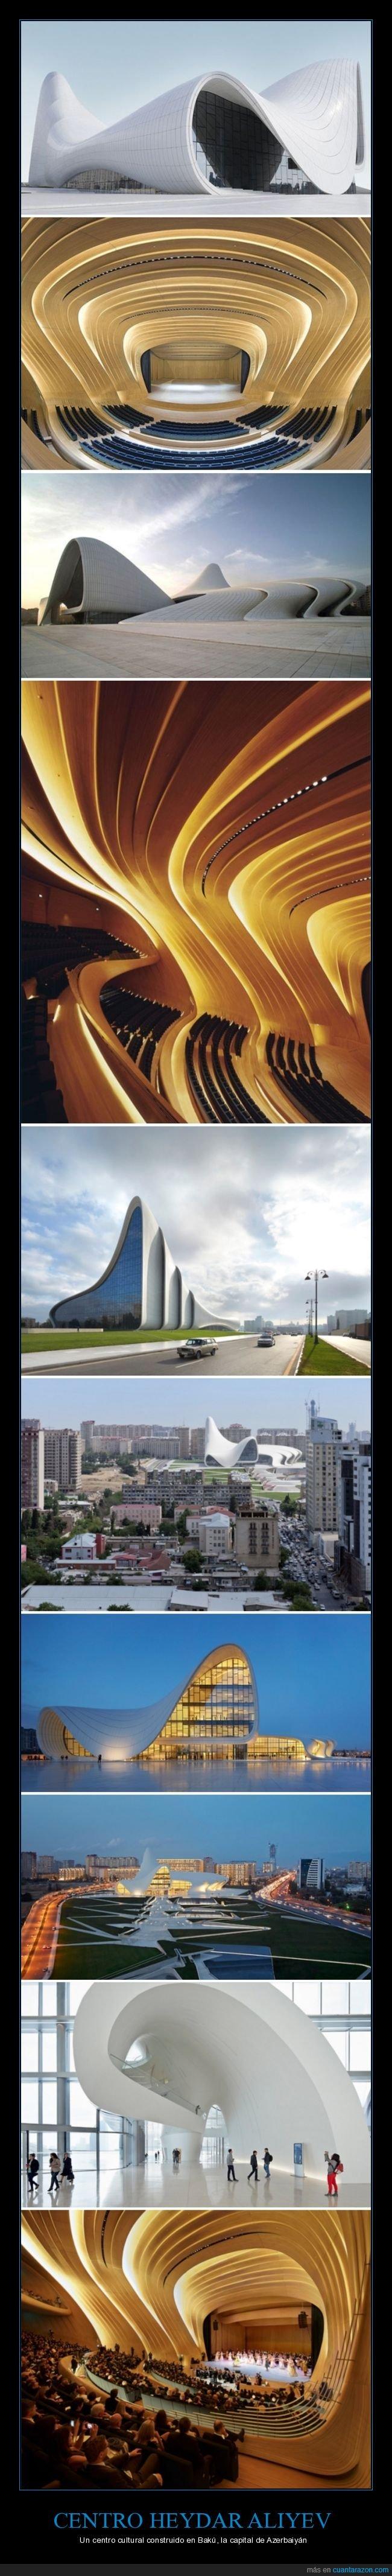 arquitectura,azerbaiyán,centro cultural,heydar aliyev